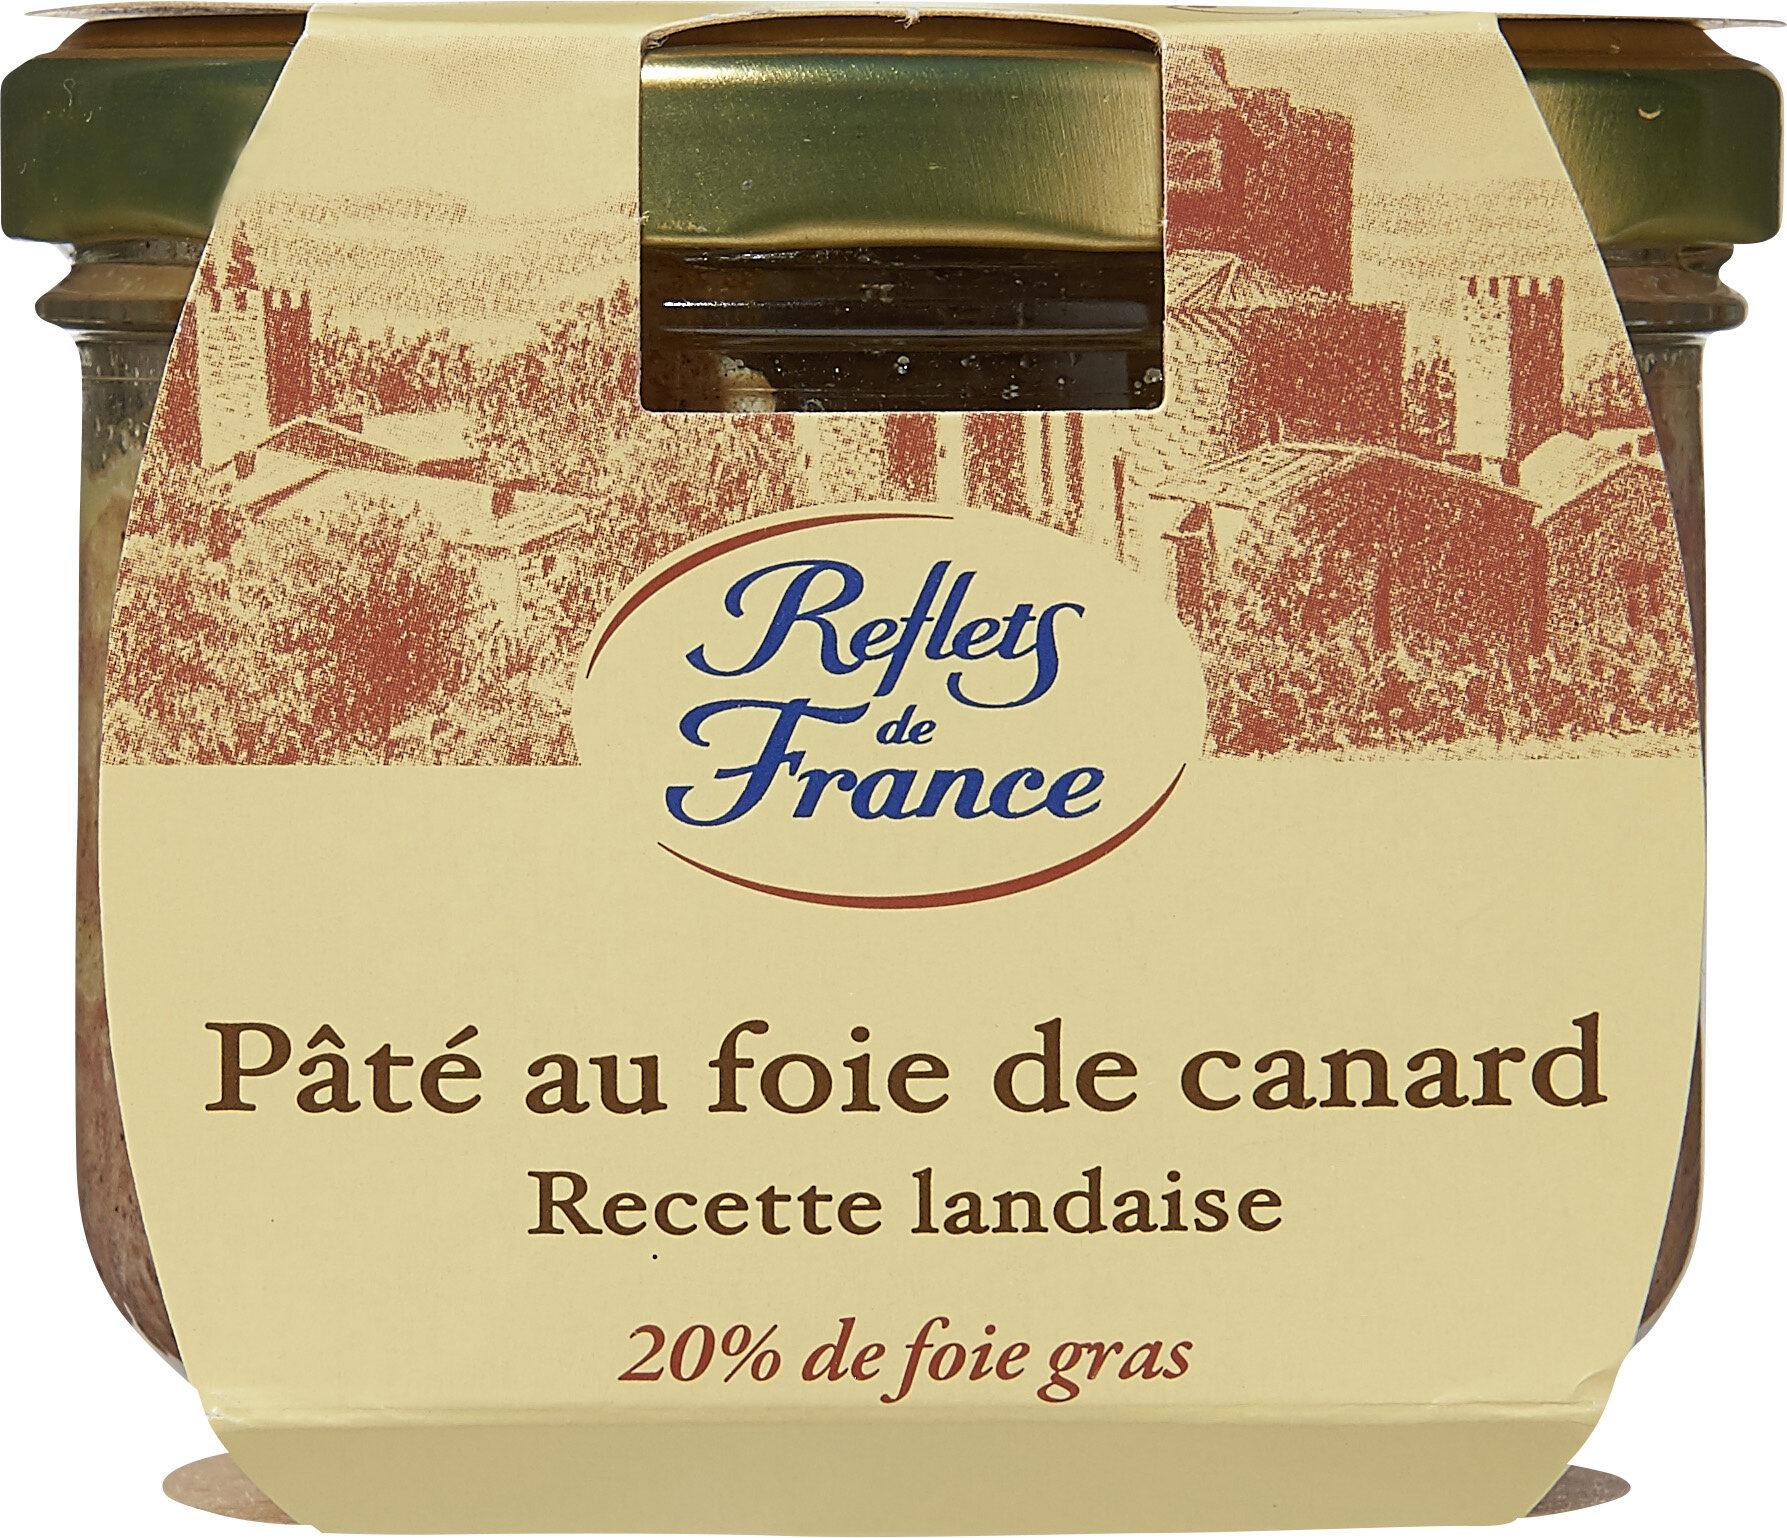 Pâté au foie de canard, recette landaise, 20% de foie gras - Produit - fr